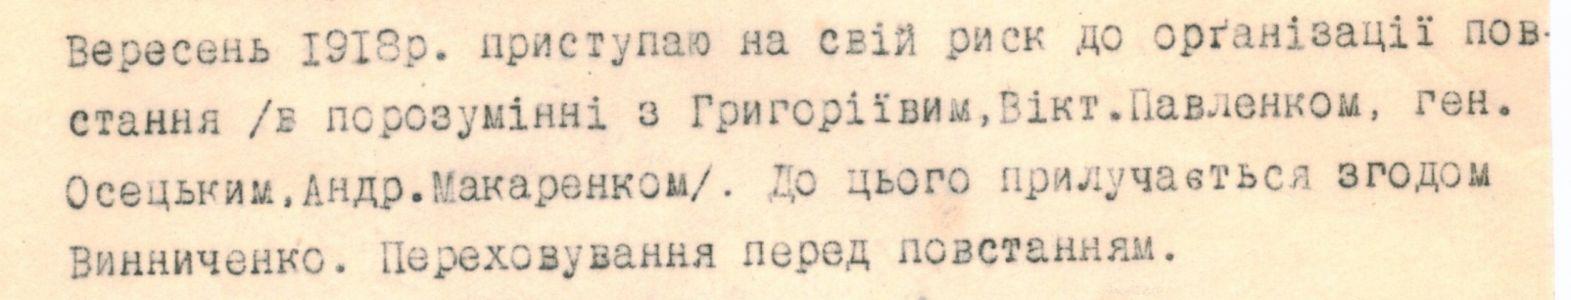 Про організацію підготовки повстання проти гетьманату - зі споминів М. Шаповала. Вересень 1918 р.